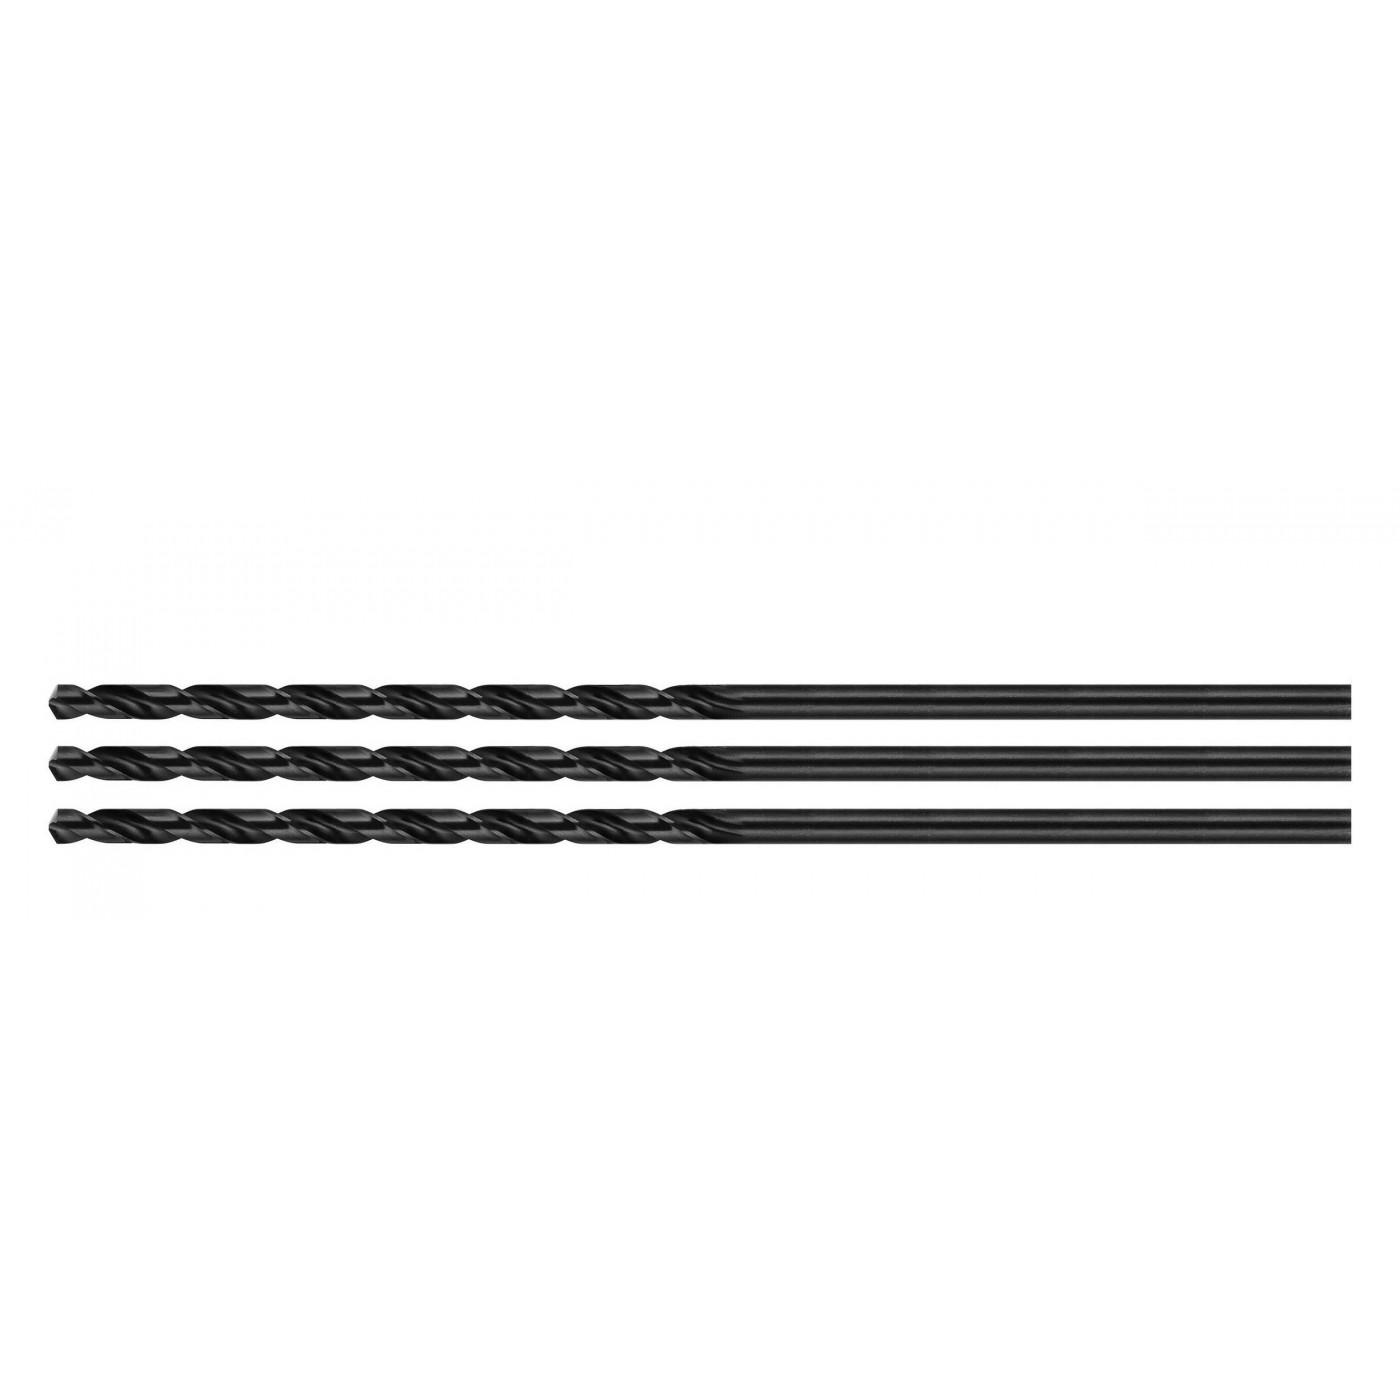 Set von 3 Metallbohrern (HSS, 7,0x200 mm)  - 1